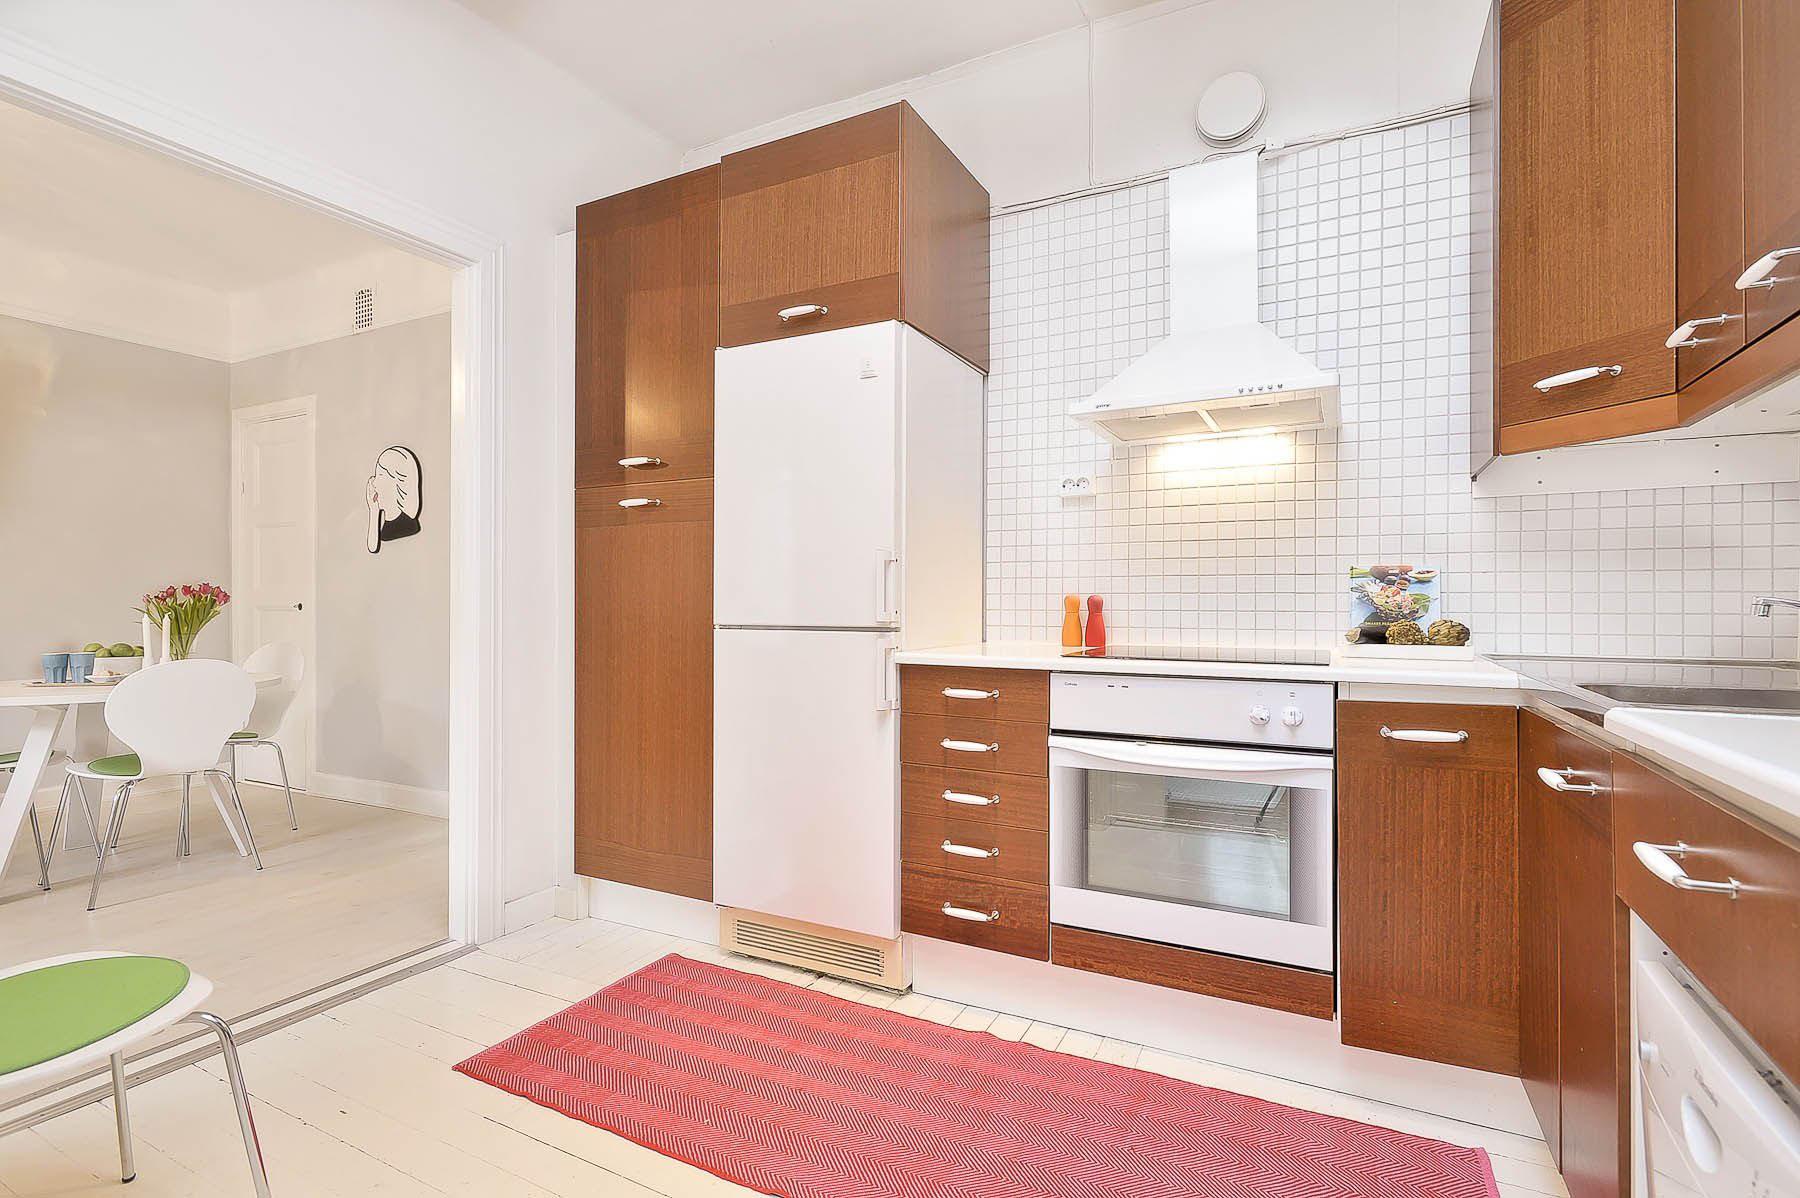 Apartamento pequeno cinza colorido comprando meu ap for Decoracion de departamentos pequenos barato